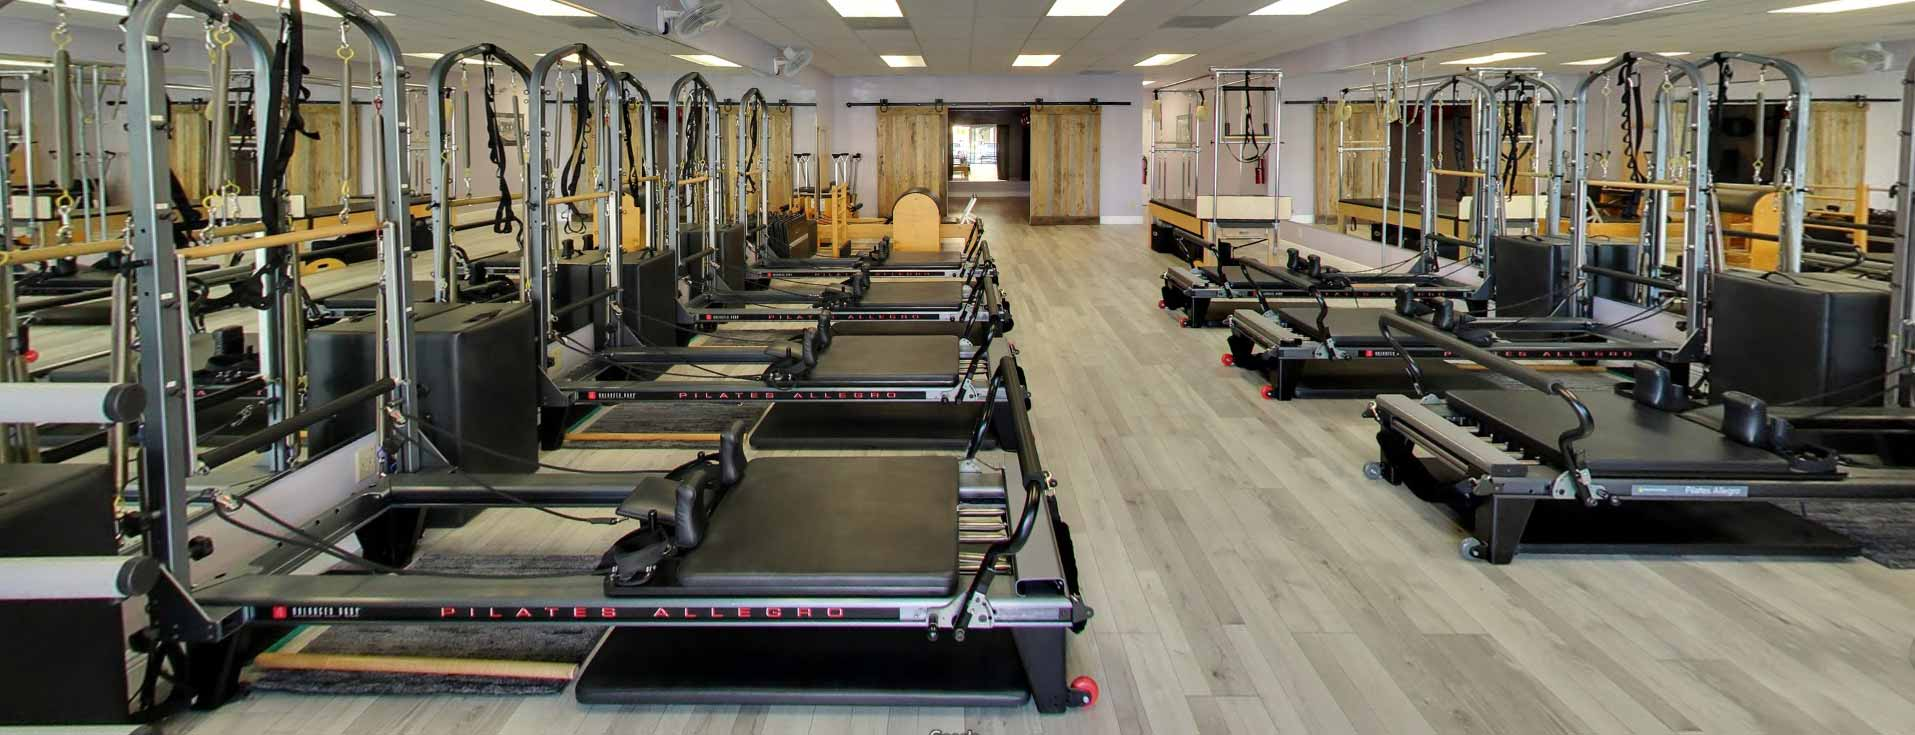 Pilates Yoga Center